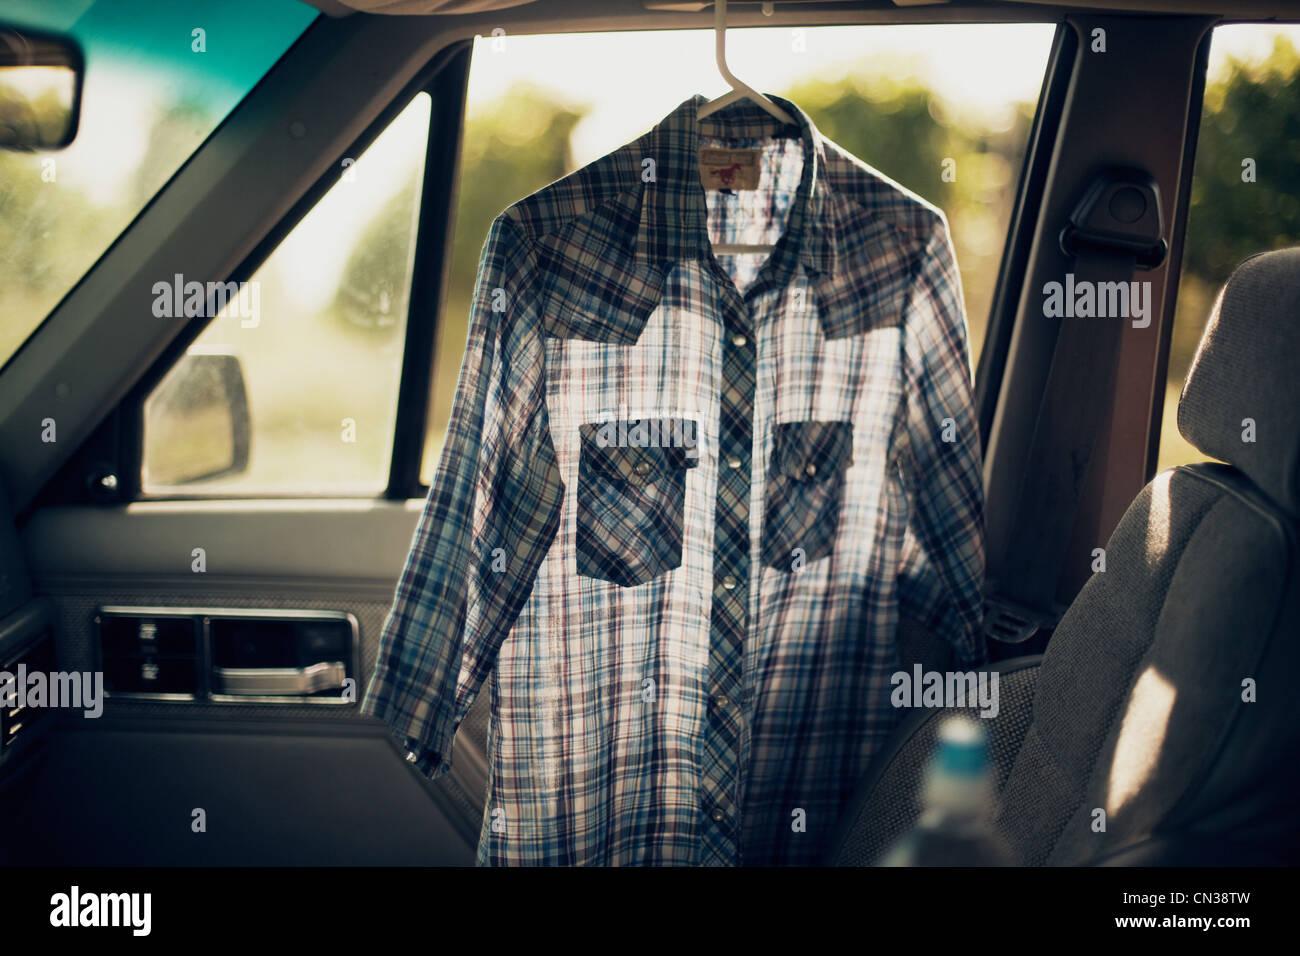 Kariertes Hemd in einem Auto Stockfoto